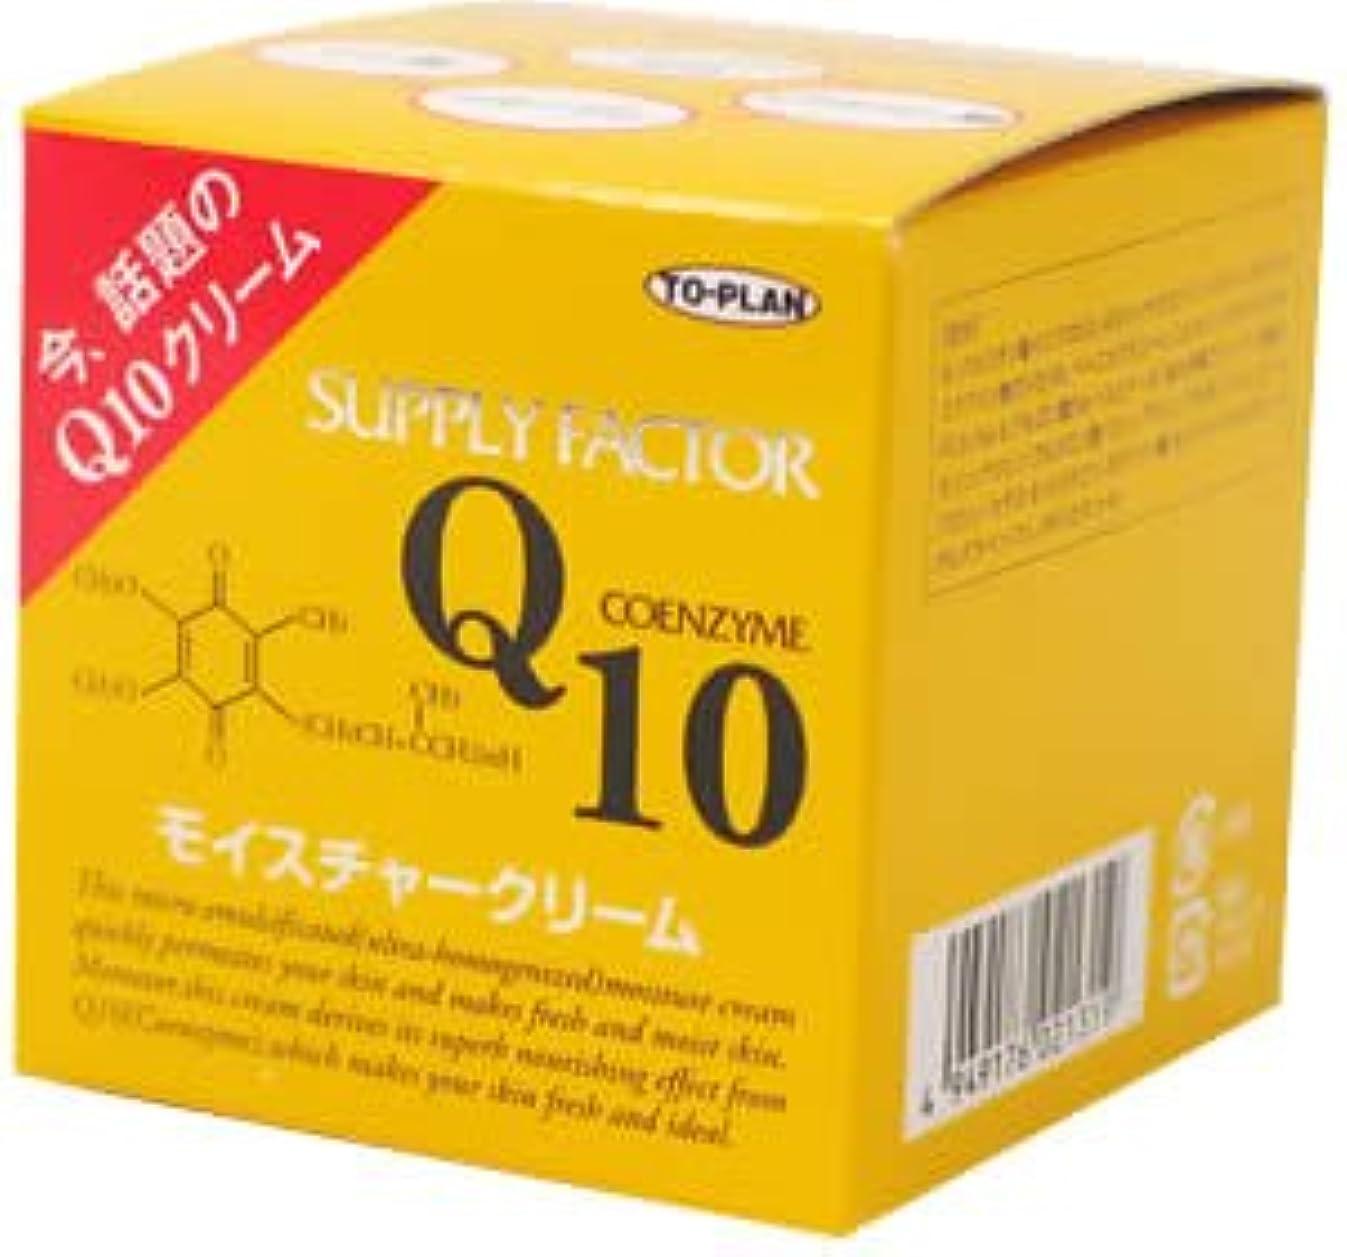 バスケットボール剥ぎ取る落ち着くTO-PLAN(トプラン) Q10モイスチャークリーム 110g